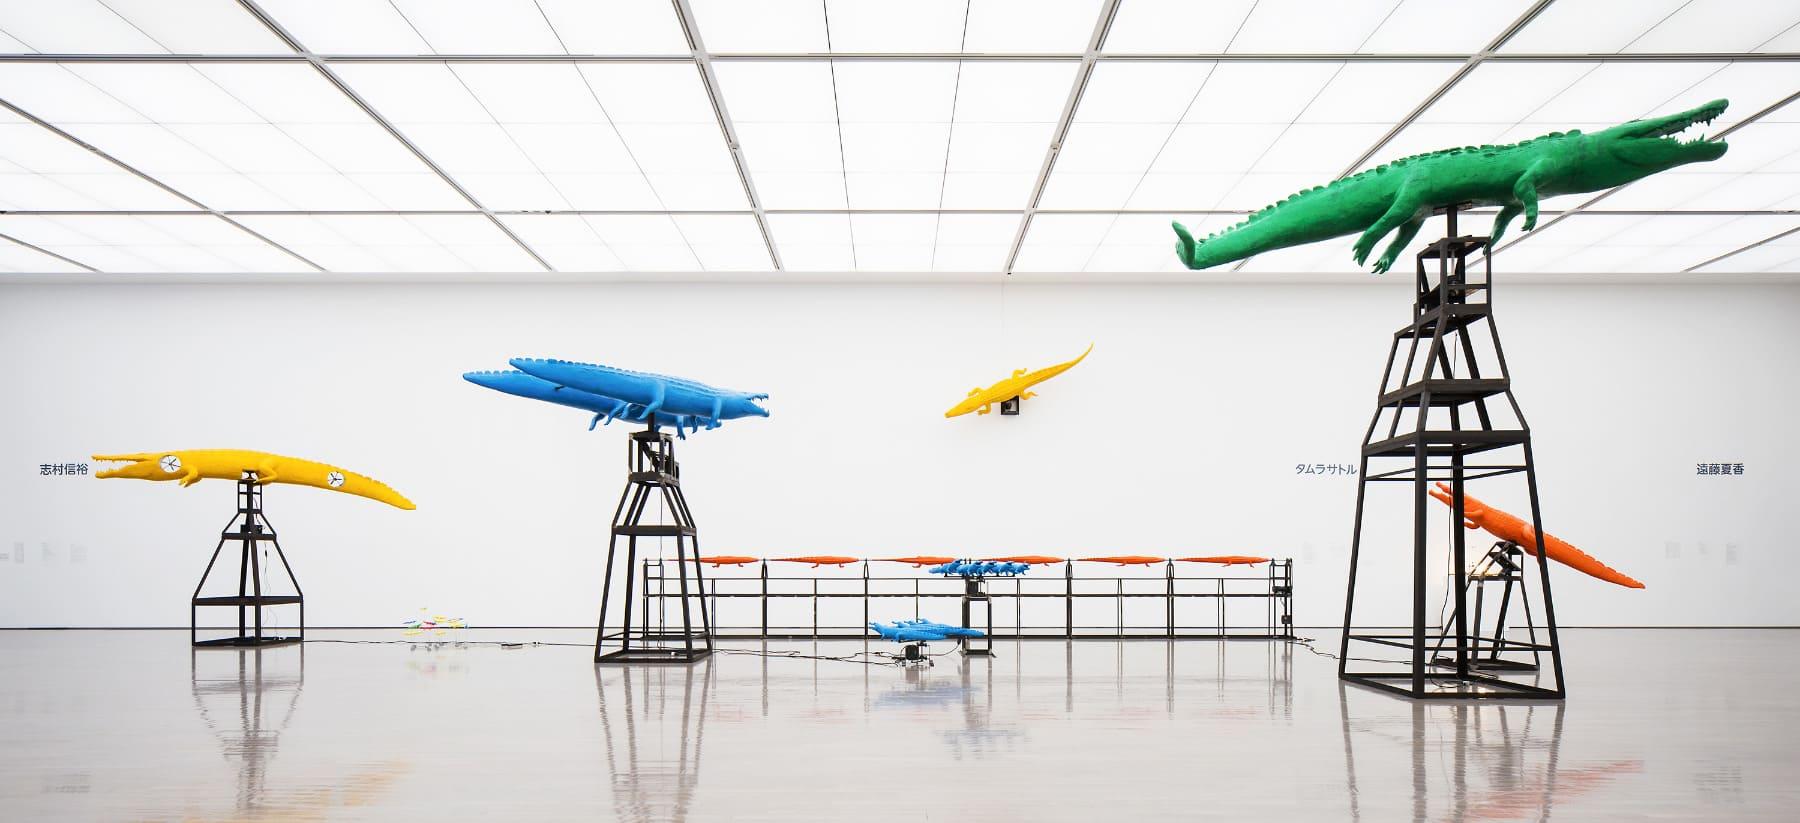 こども+おとな+夏の美術館「アートといっしょ」